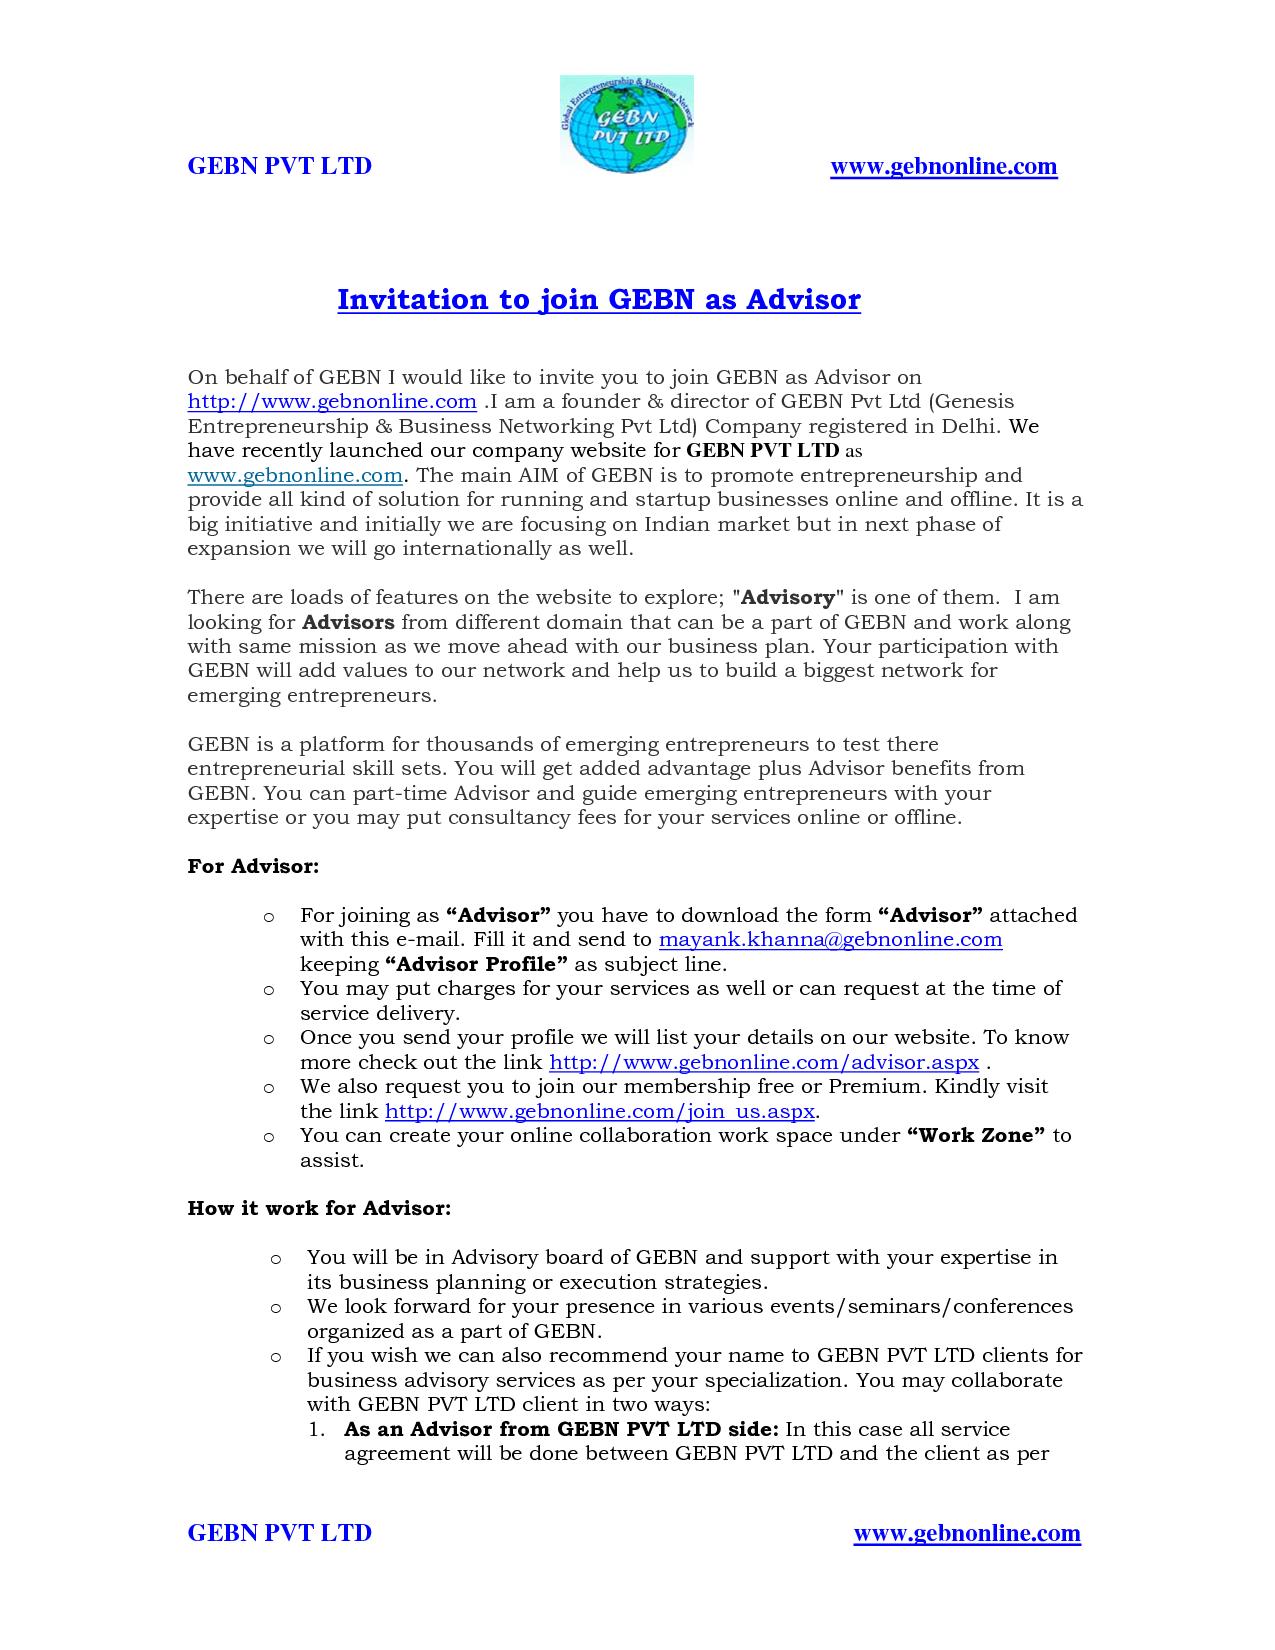 academic advisor cover letter sample - Template